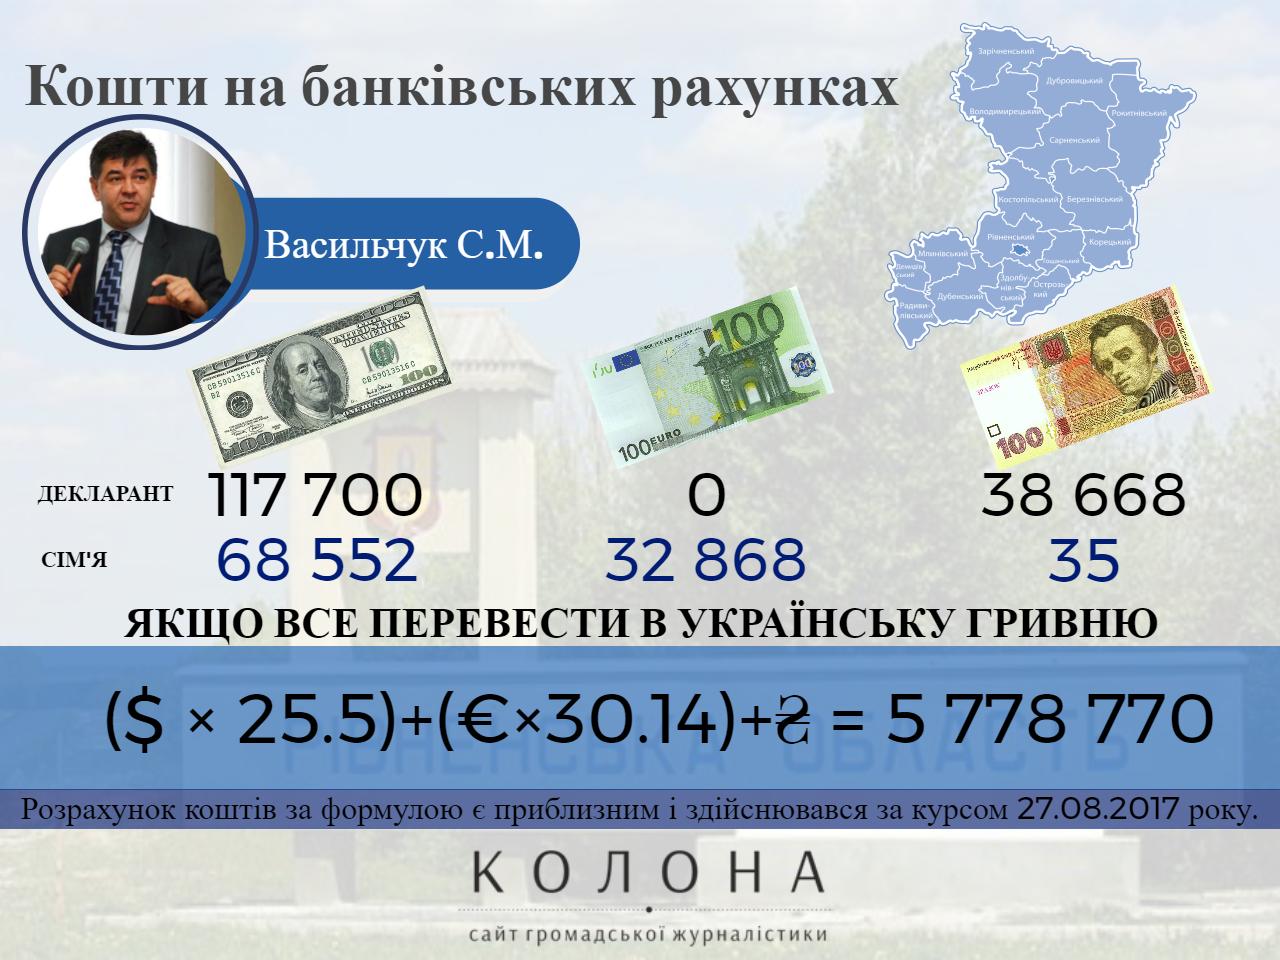 Васильчук Сергій